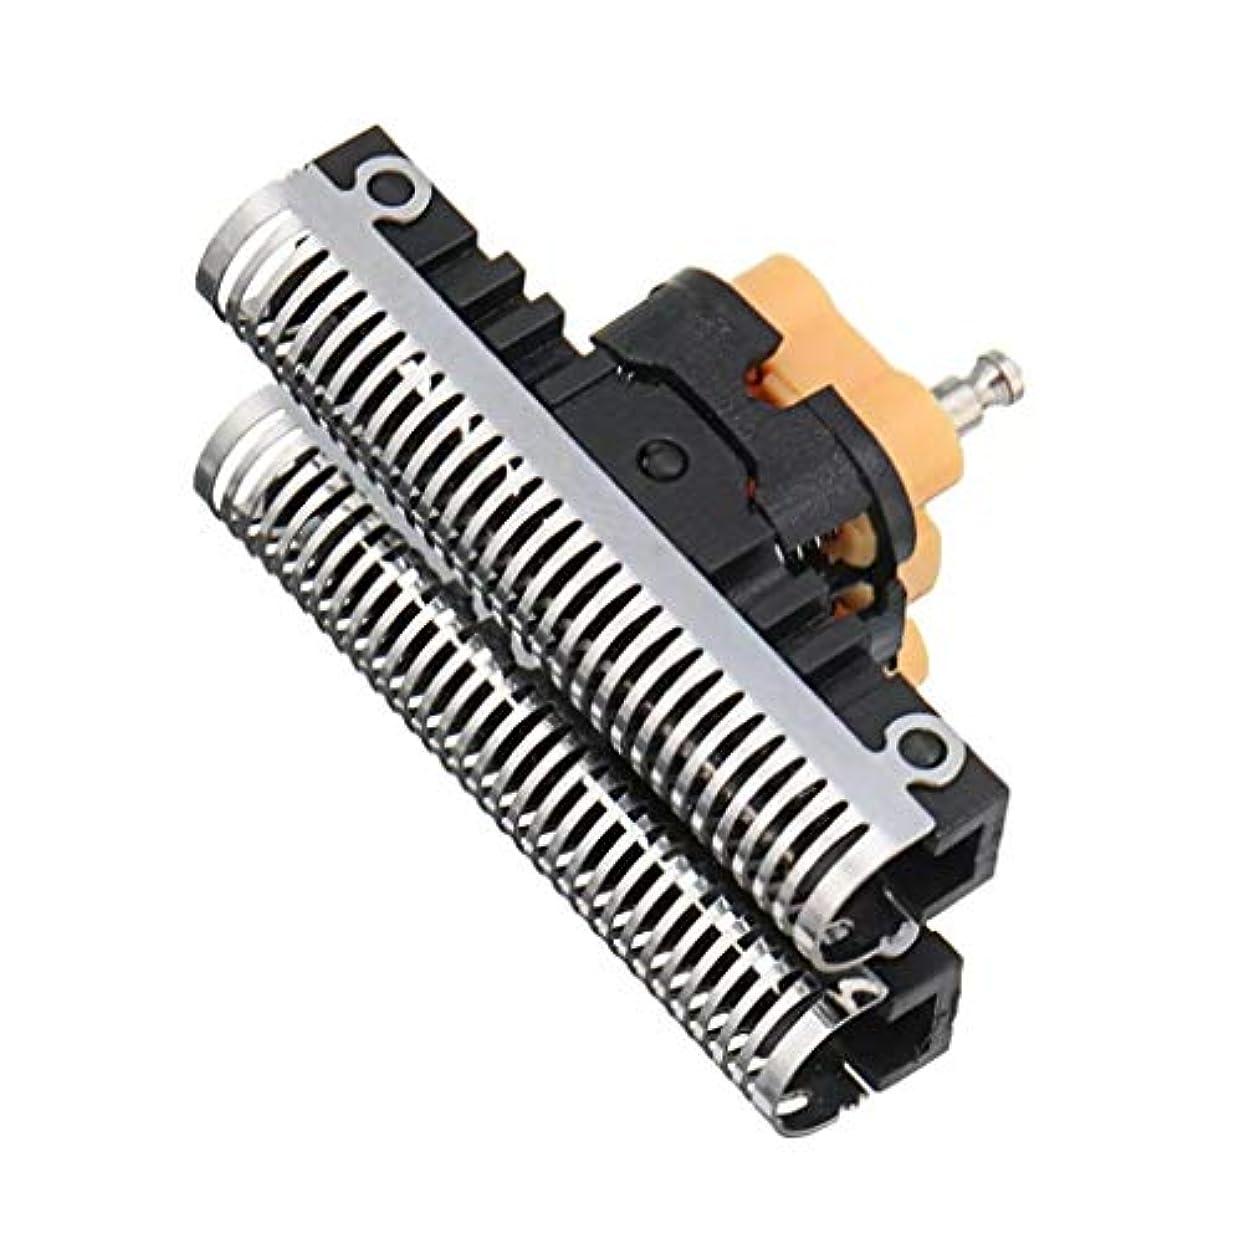 シプリー昆虫マットシェーバー ヘッド 替え刃 カミソリ ヘッド メンズ シェーバー替刃 と 1個 シェーバー フォイル Braun 51Sモデルとの互換性 (ブラック)